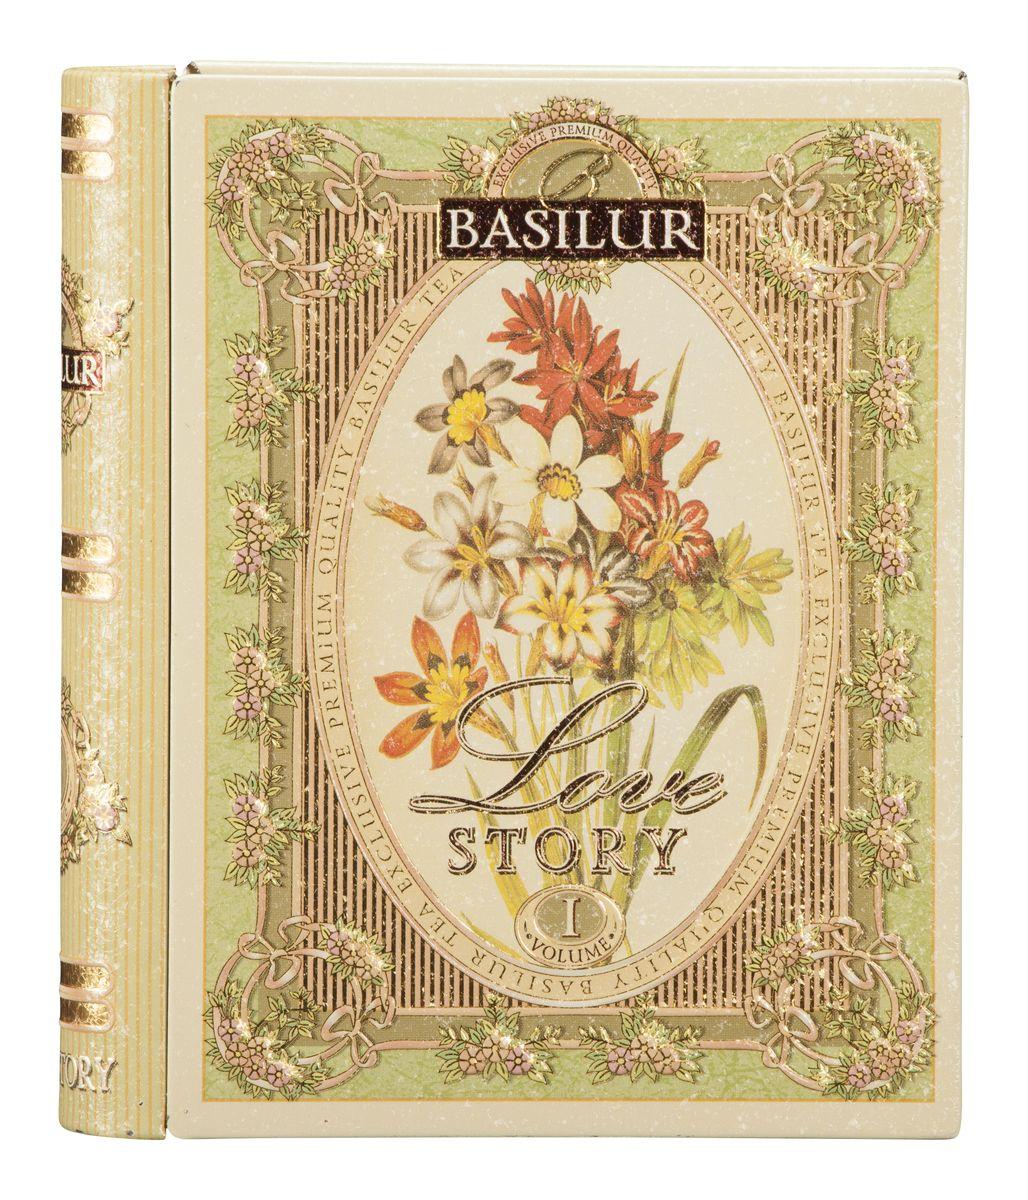 Basilur Tea Book. Love Story I зеленый листовой чай, 100 г (жестяная банка) basilur frosty afternoon черный листовой чай 100 г жестяная банка